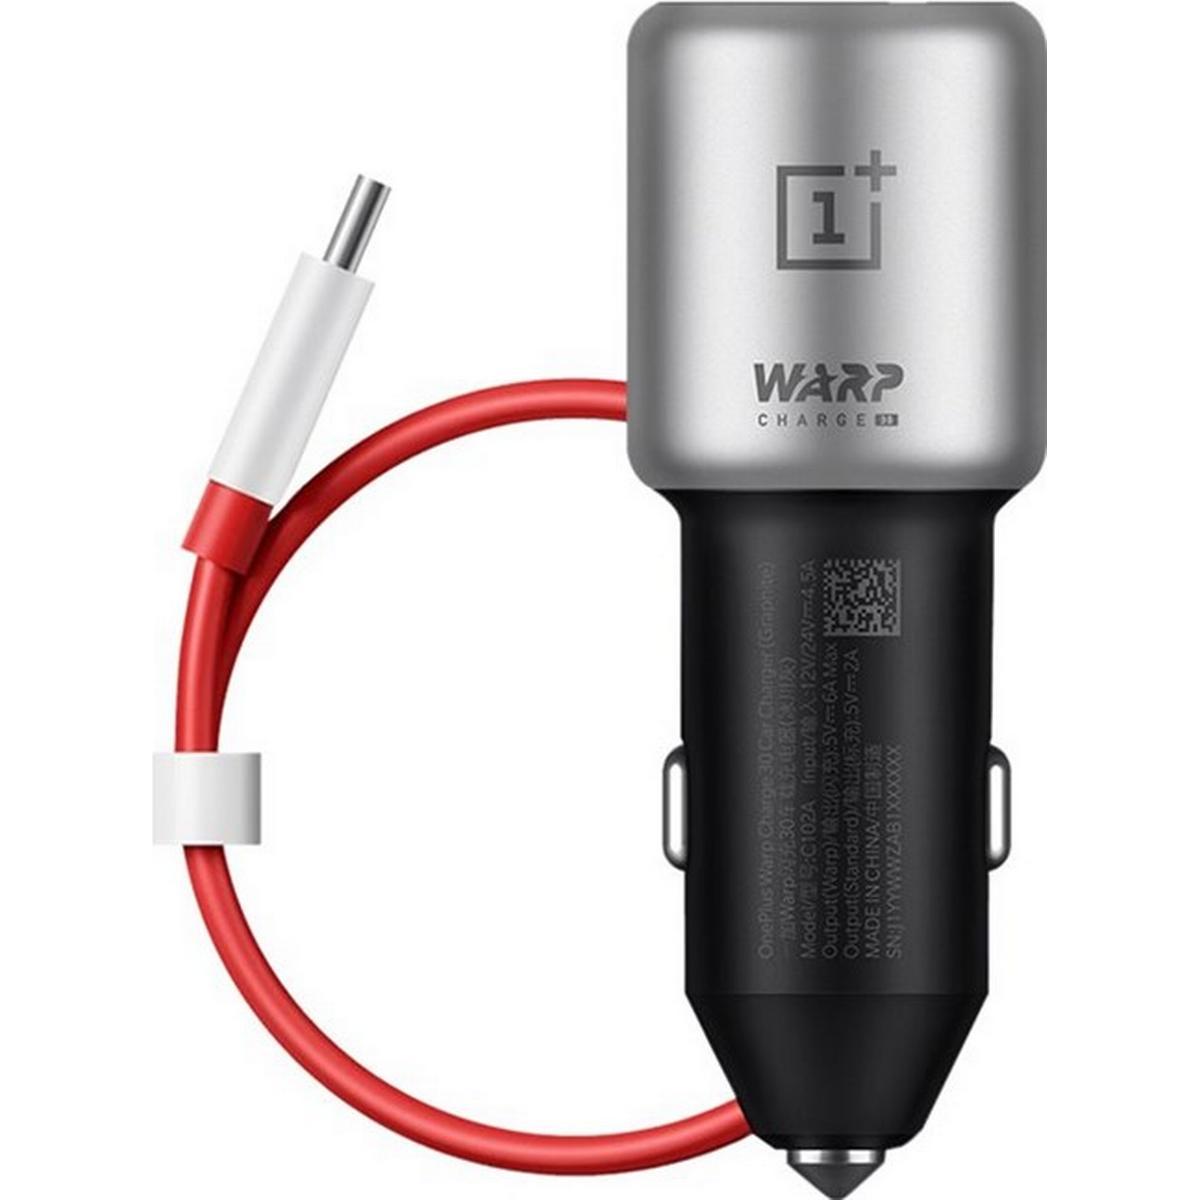 USB laddareadapter till bilen med inbyggd handsfree fri frakt